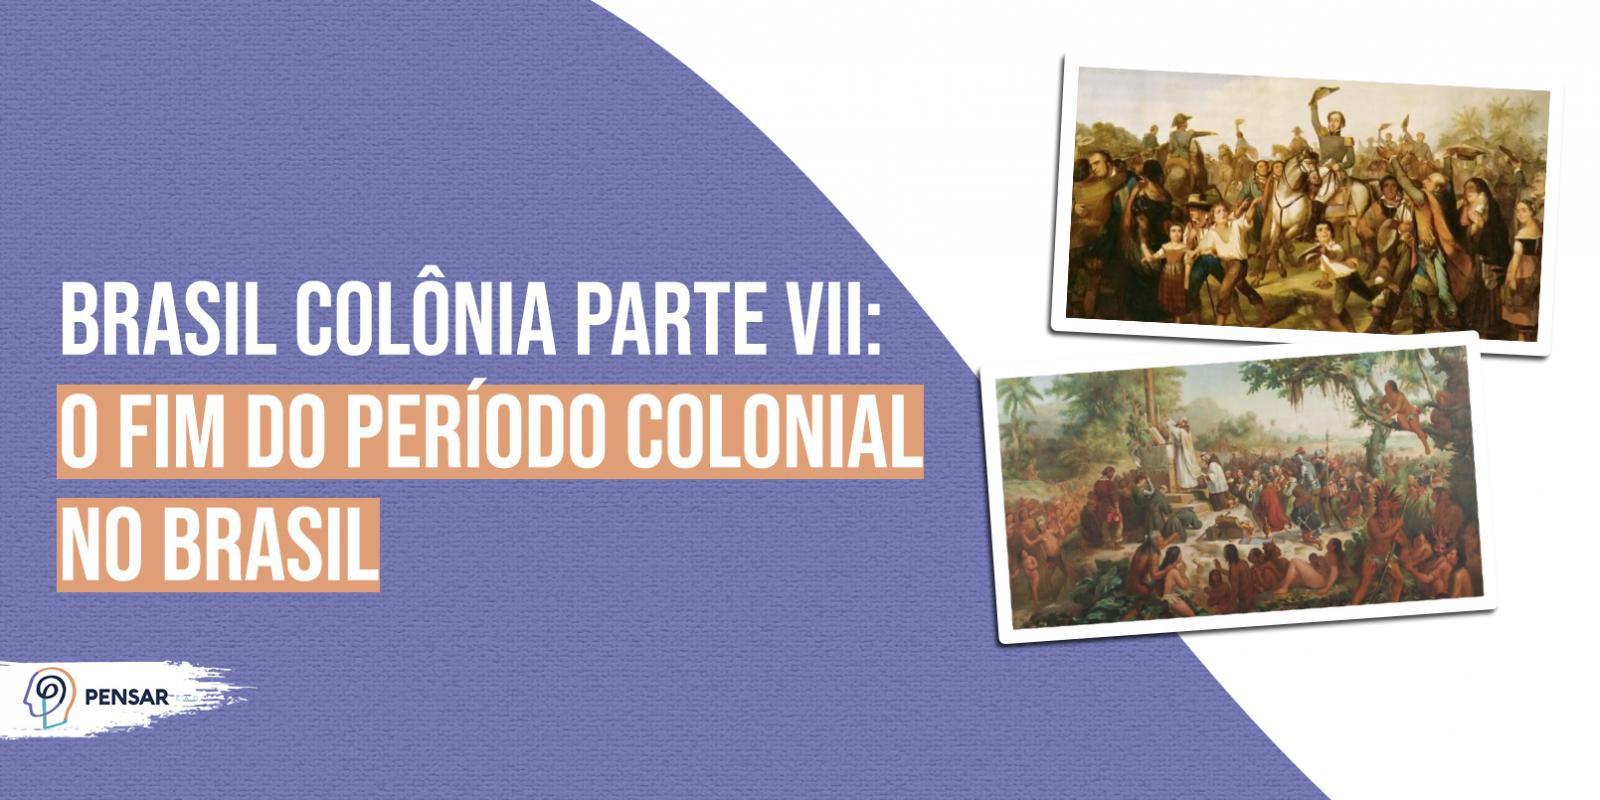 Brasil Colônia parte VII: o fim do período colonial no Brasil!